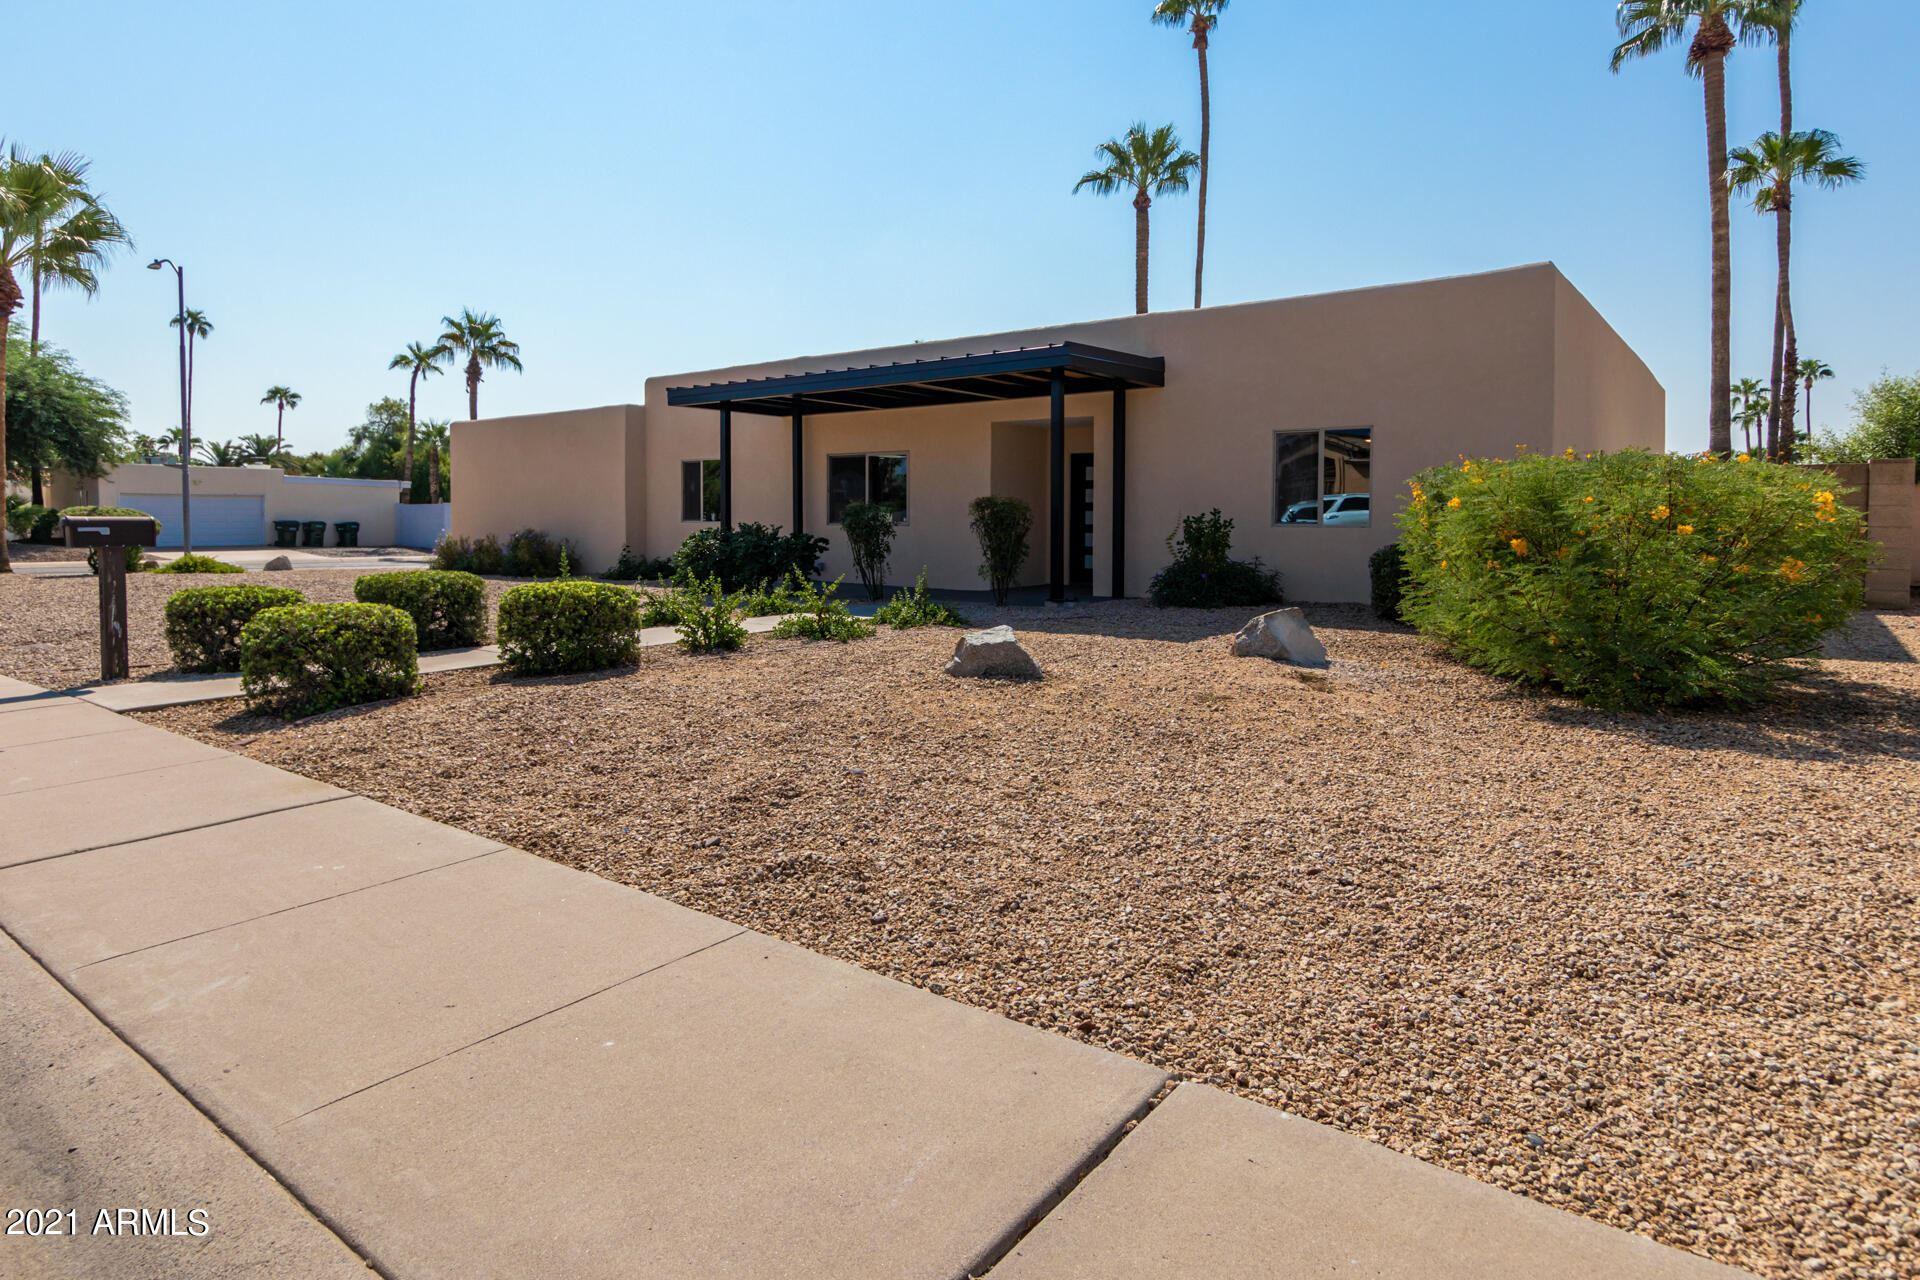 6843 E FRIESS Drive, Scottsdale, AZ 85254 - MLS#: 6294811